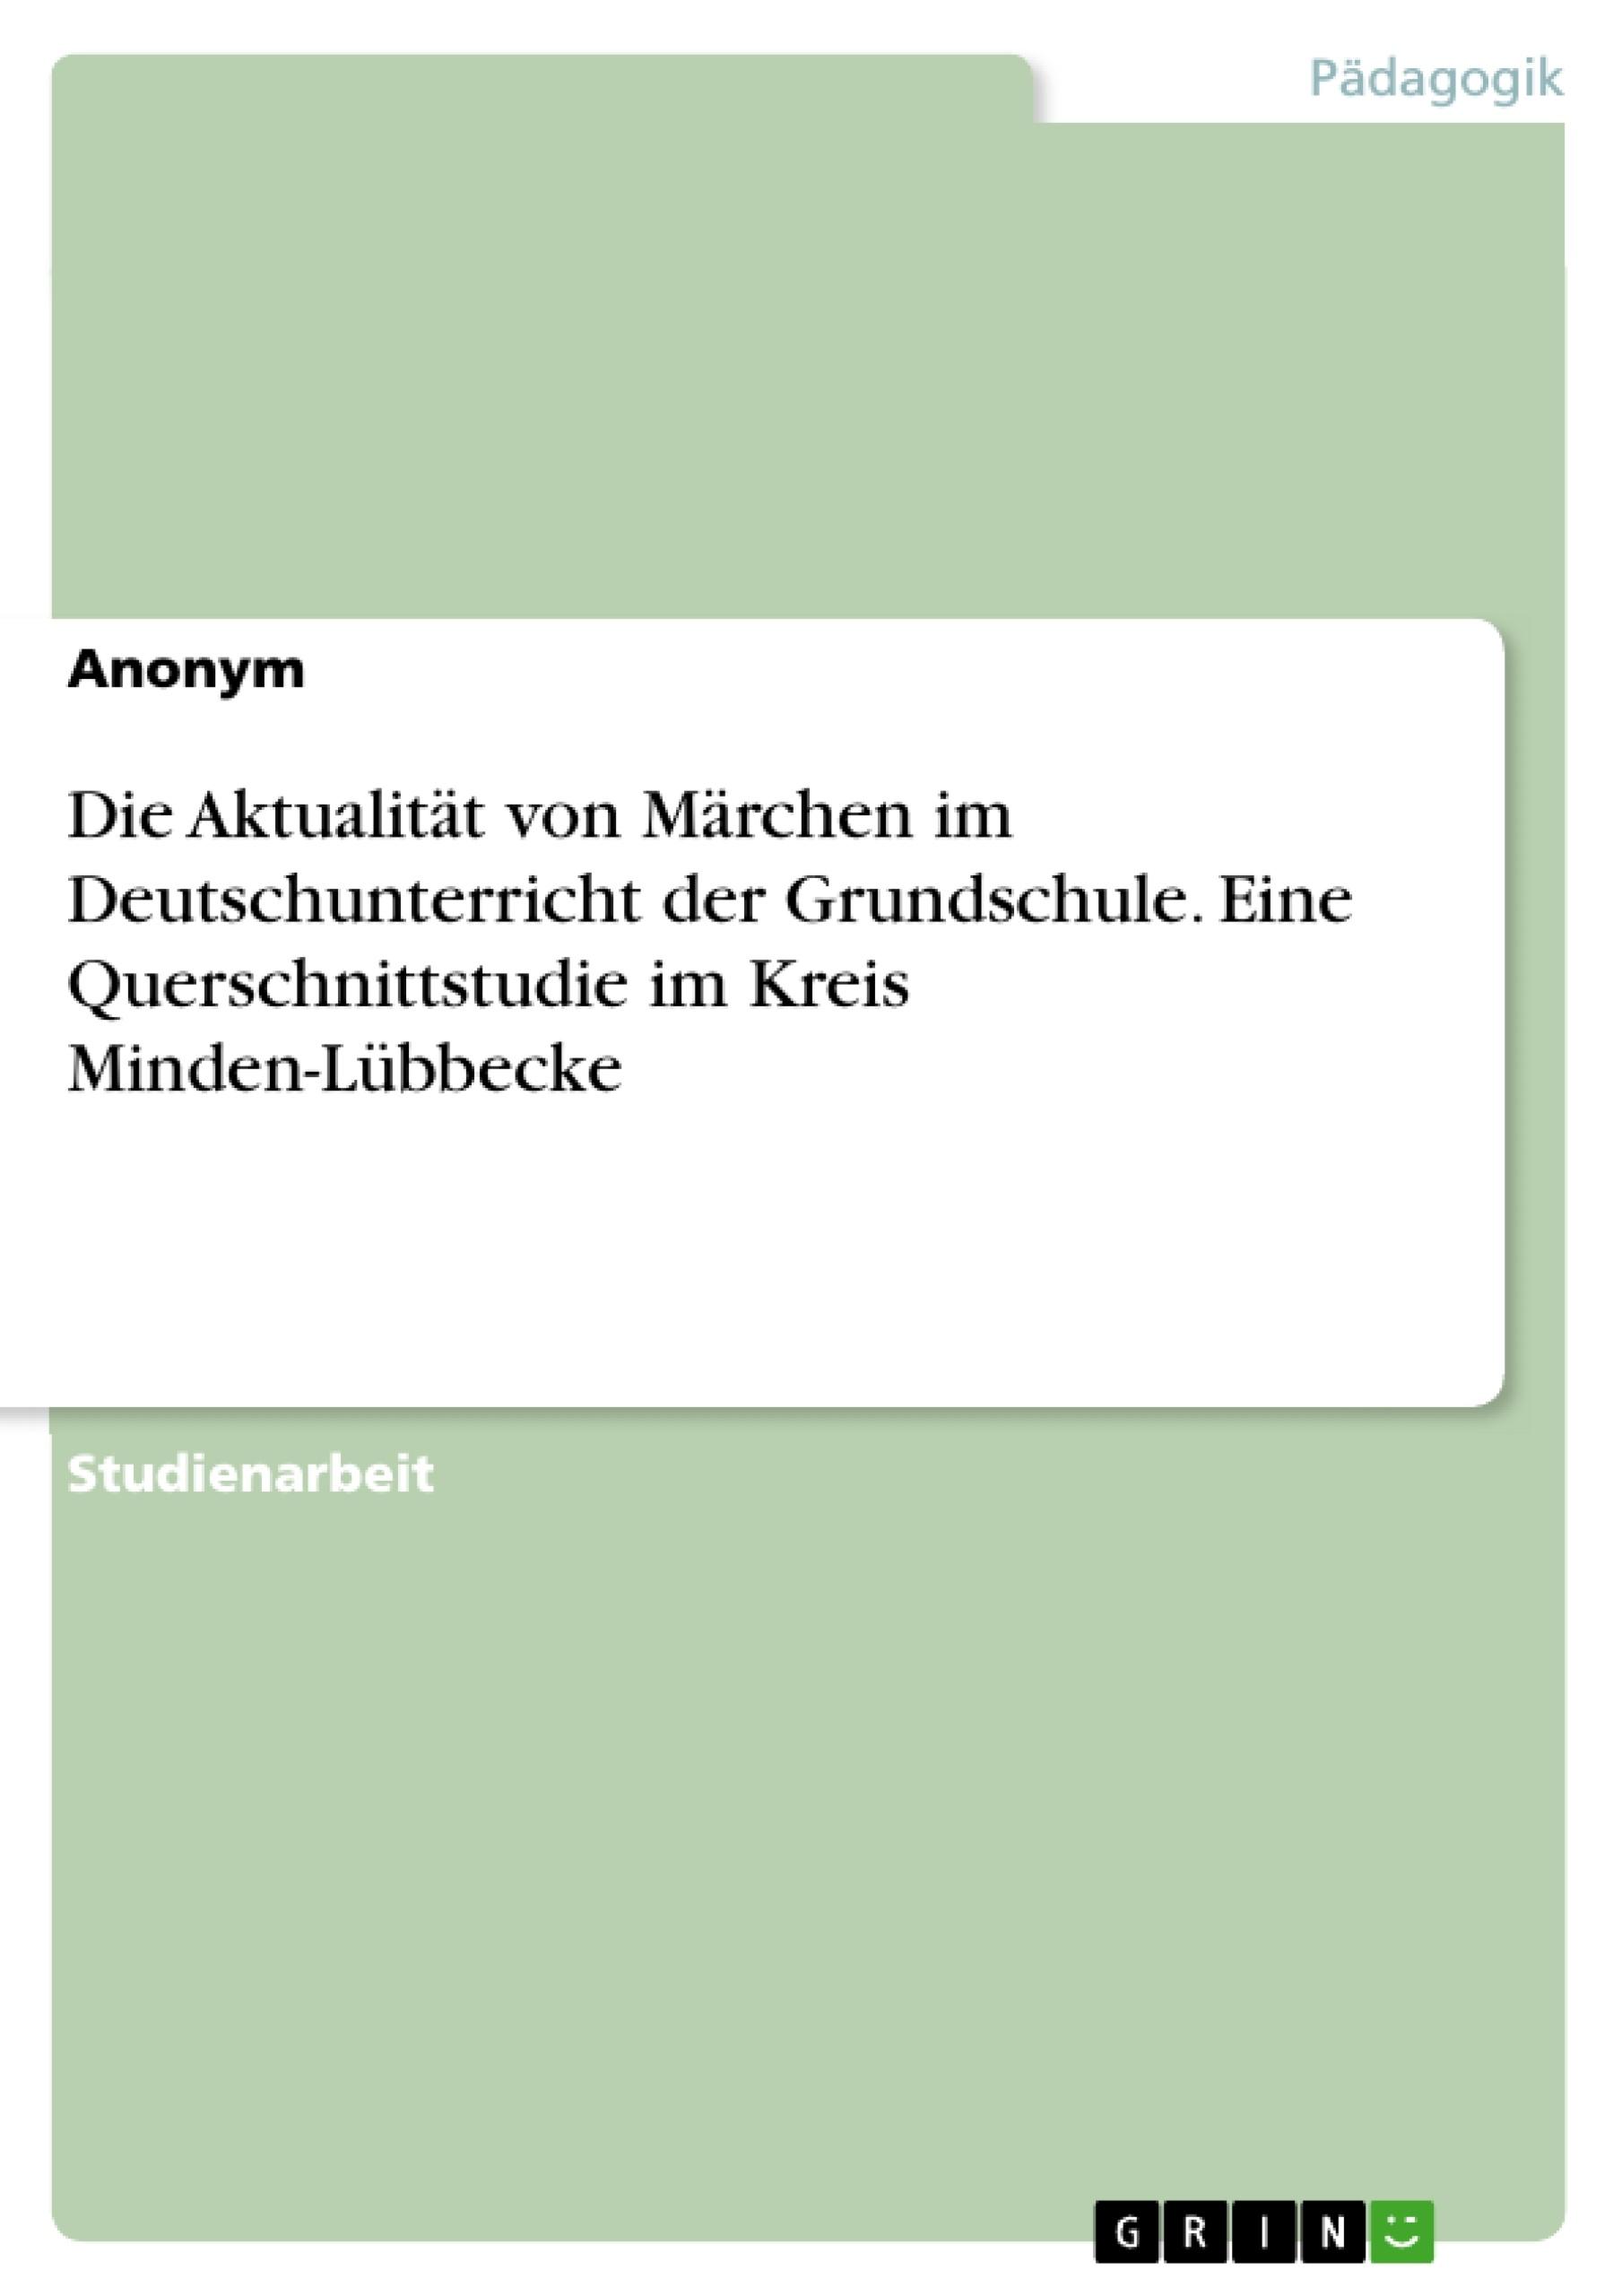 Titel: Die Aktualität von Märchen im Deutschunterricht der Grundschule. Eine Querschnittstudie im Kreis Minden-Lübbecke